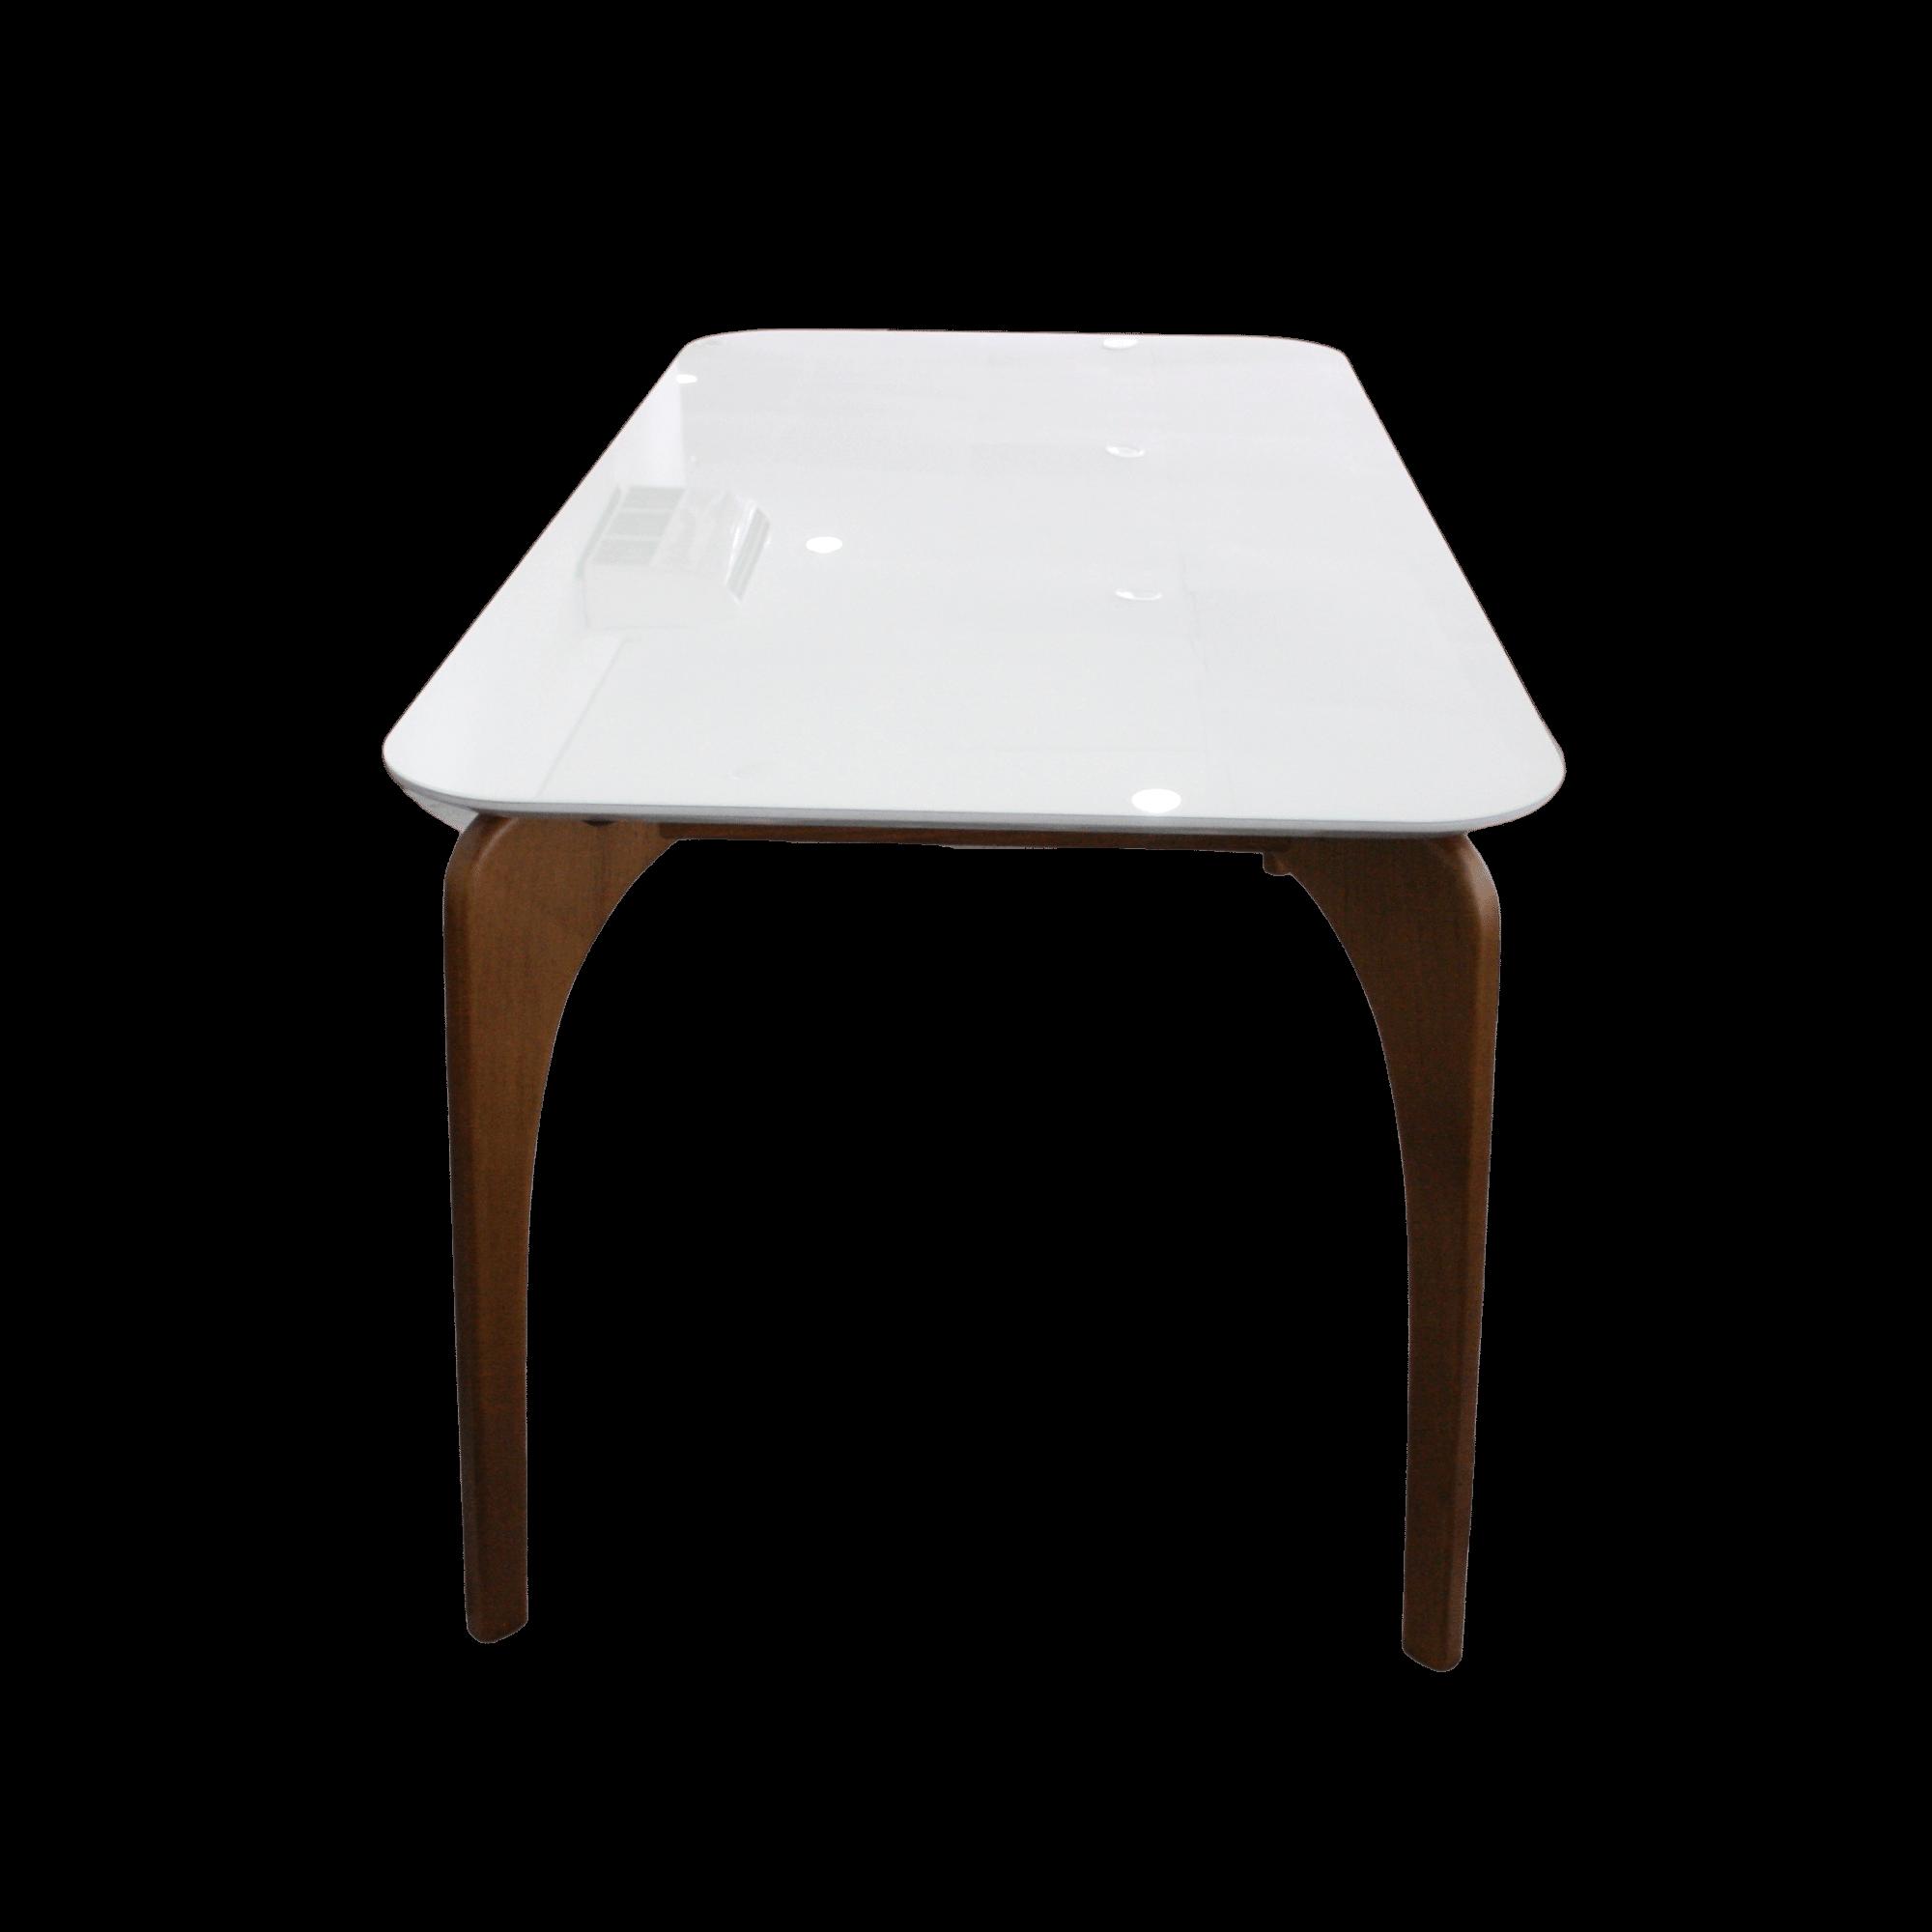 Mesa de Jantar 8 Cadeiras Lugares Europa 218 cm x 110 cm